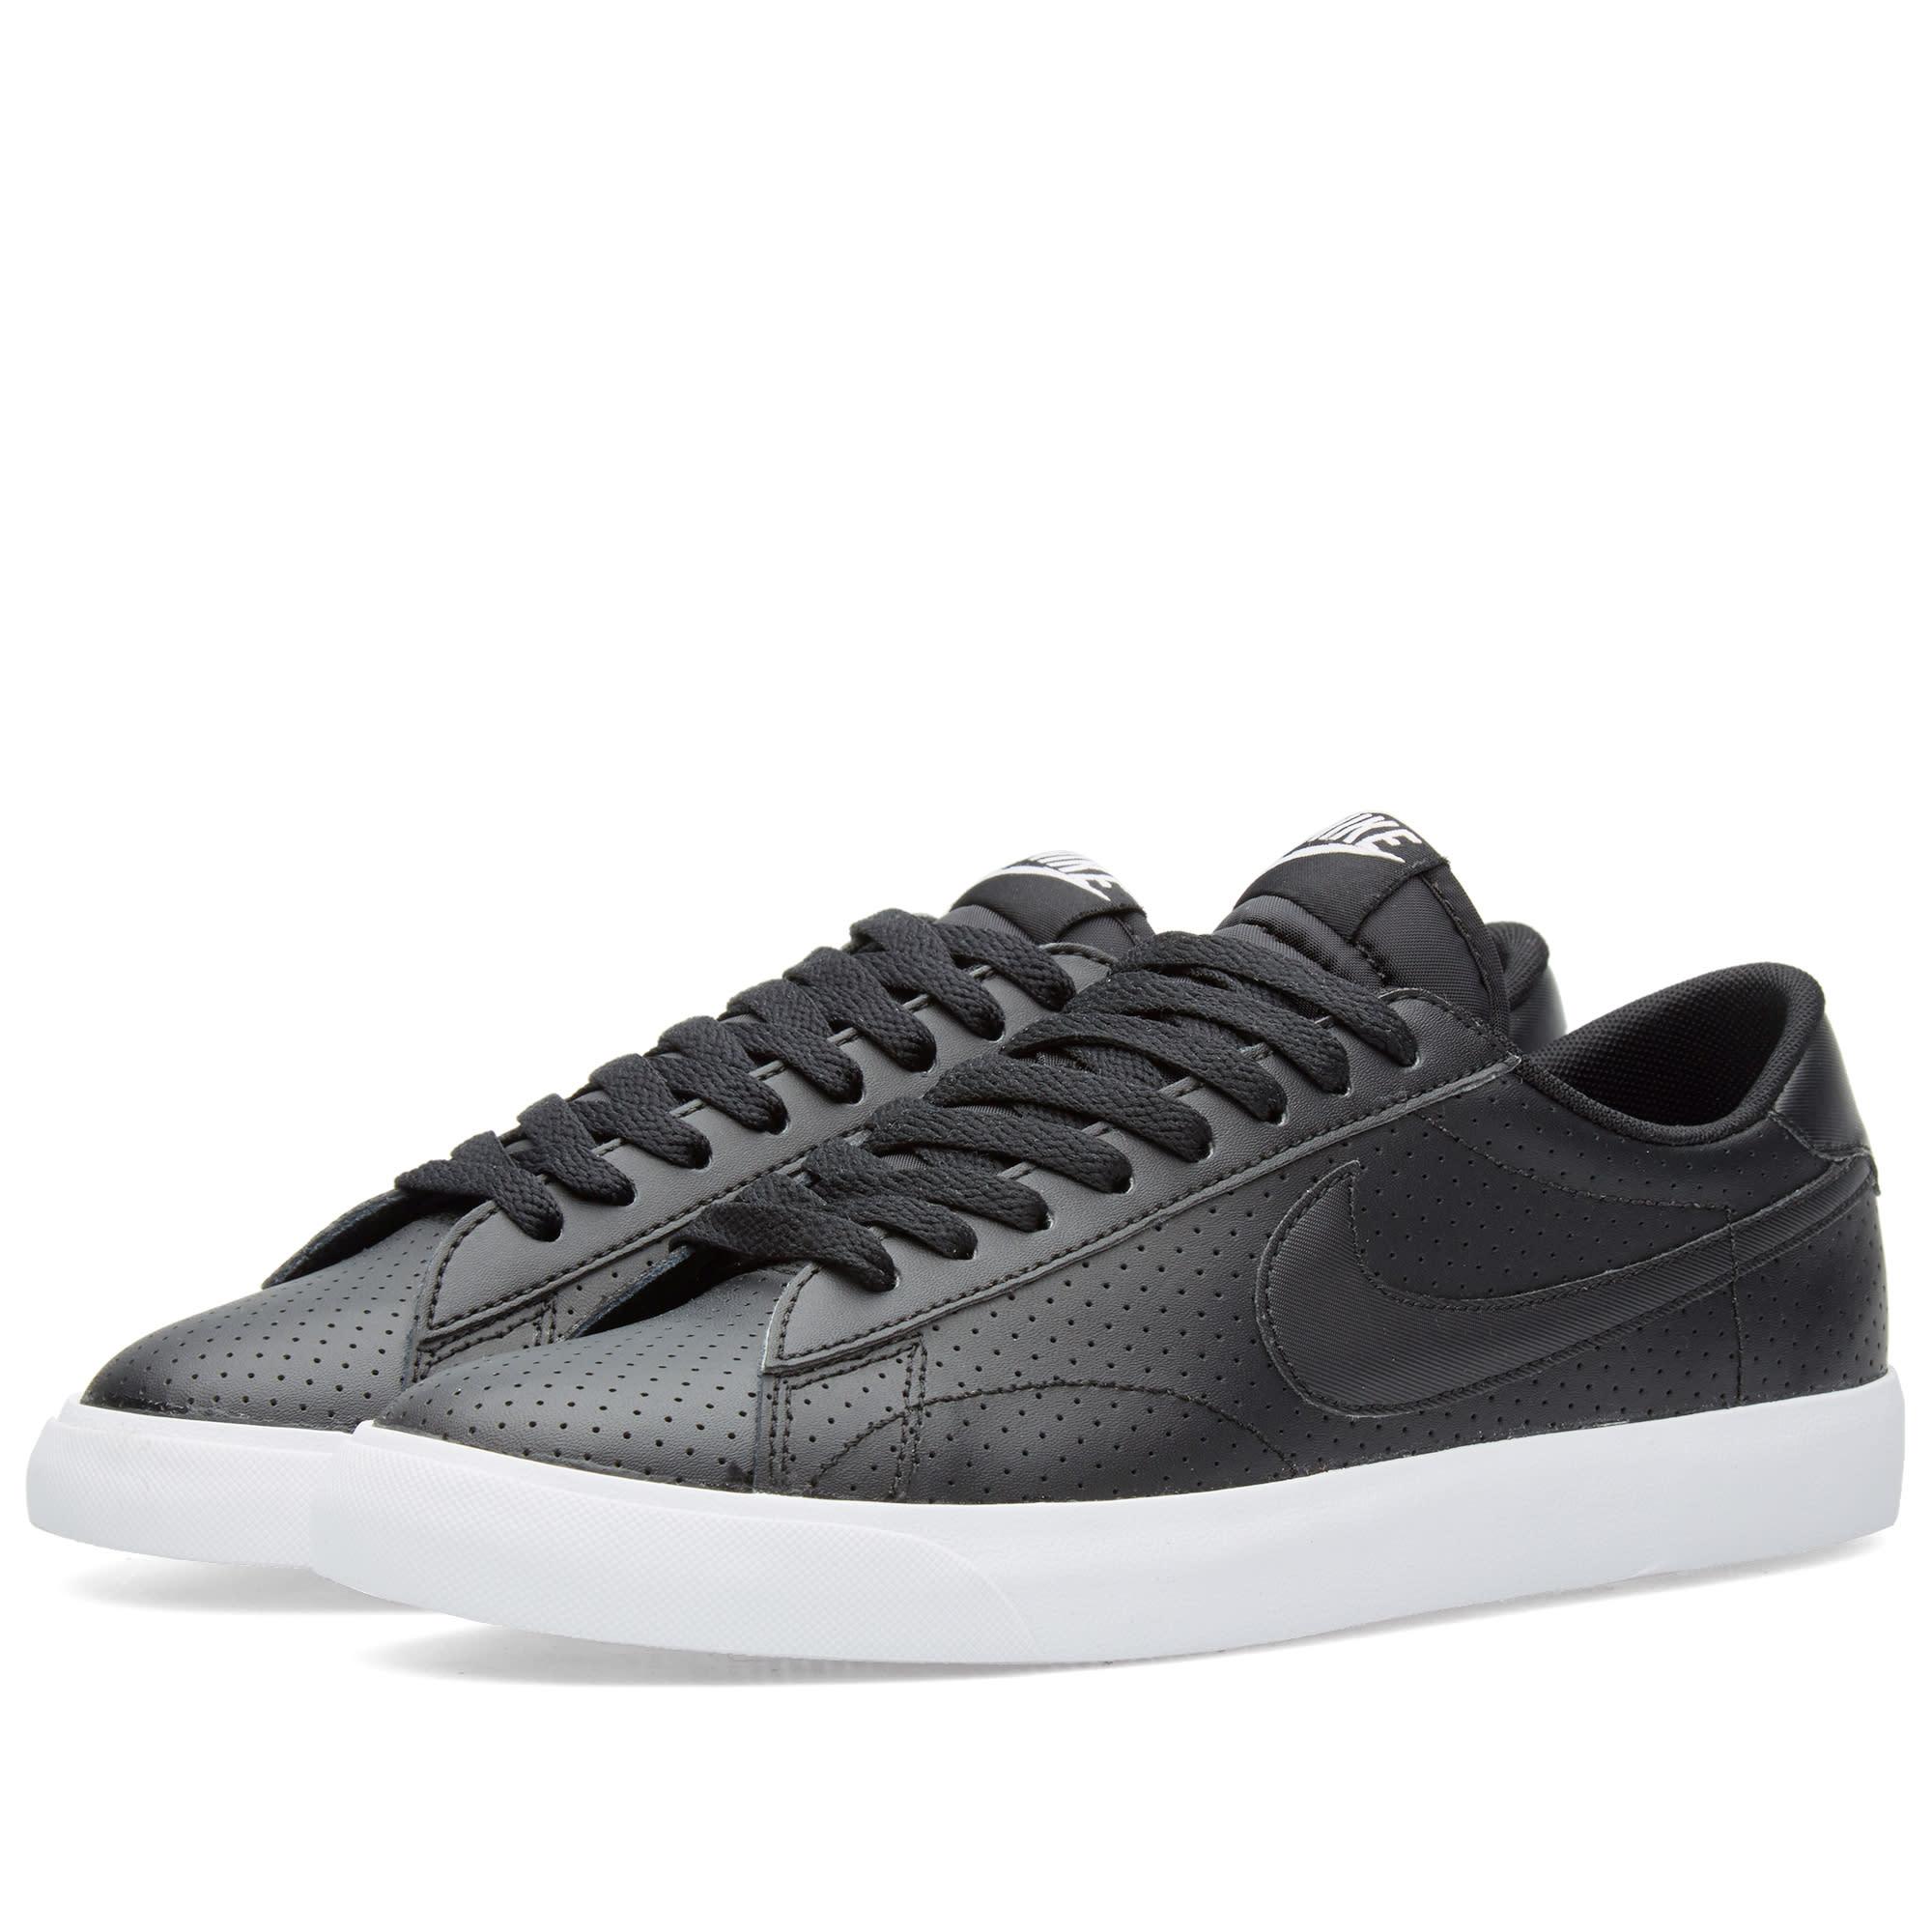 pretty nice 5524b 81ea5 Nike Tennis Classic AC Black   White   END.